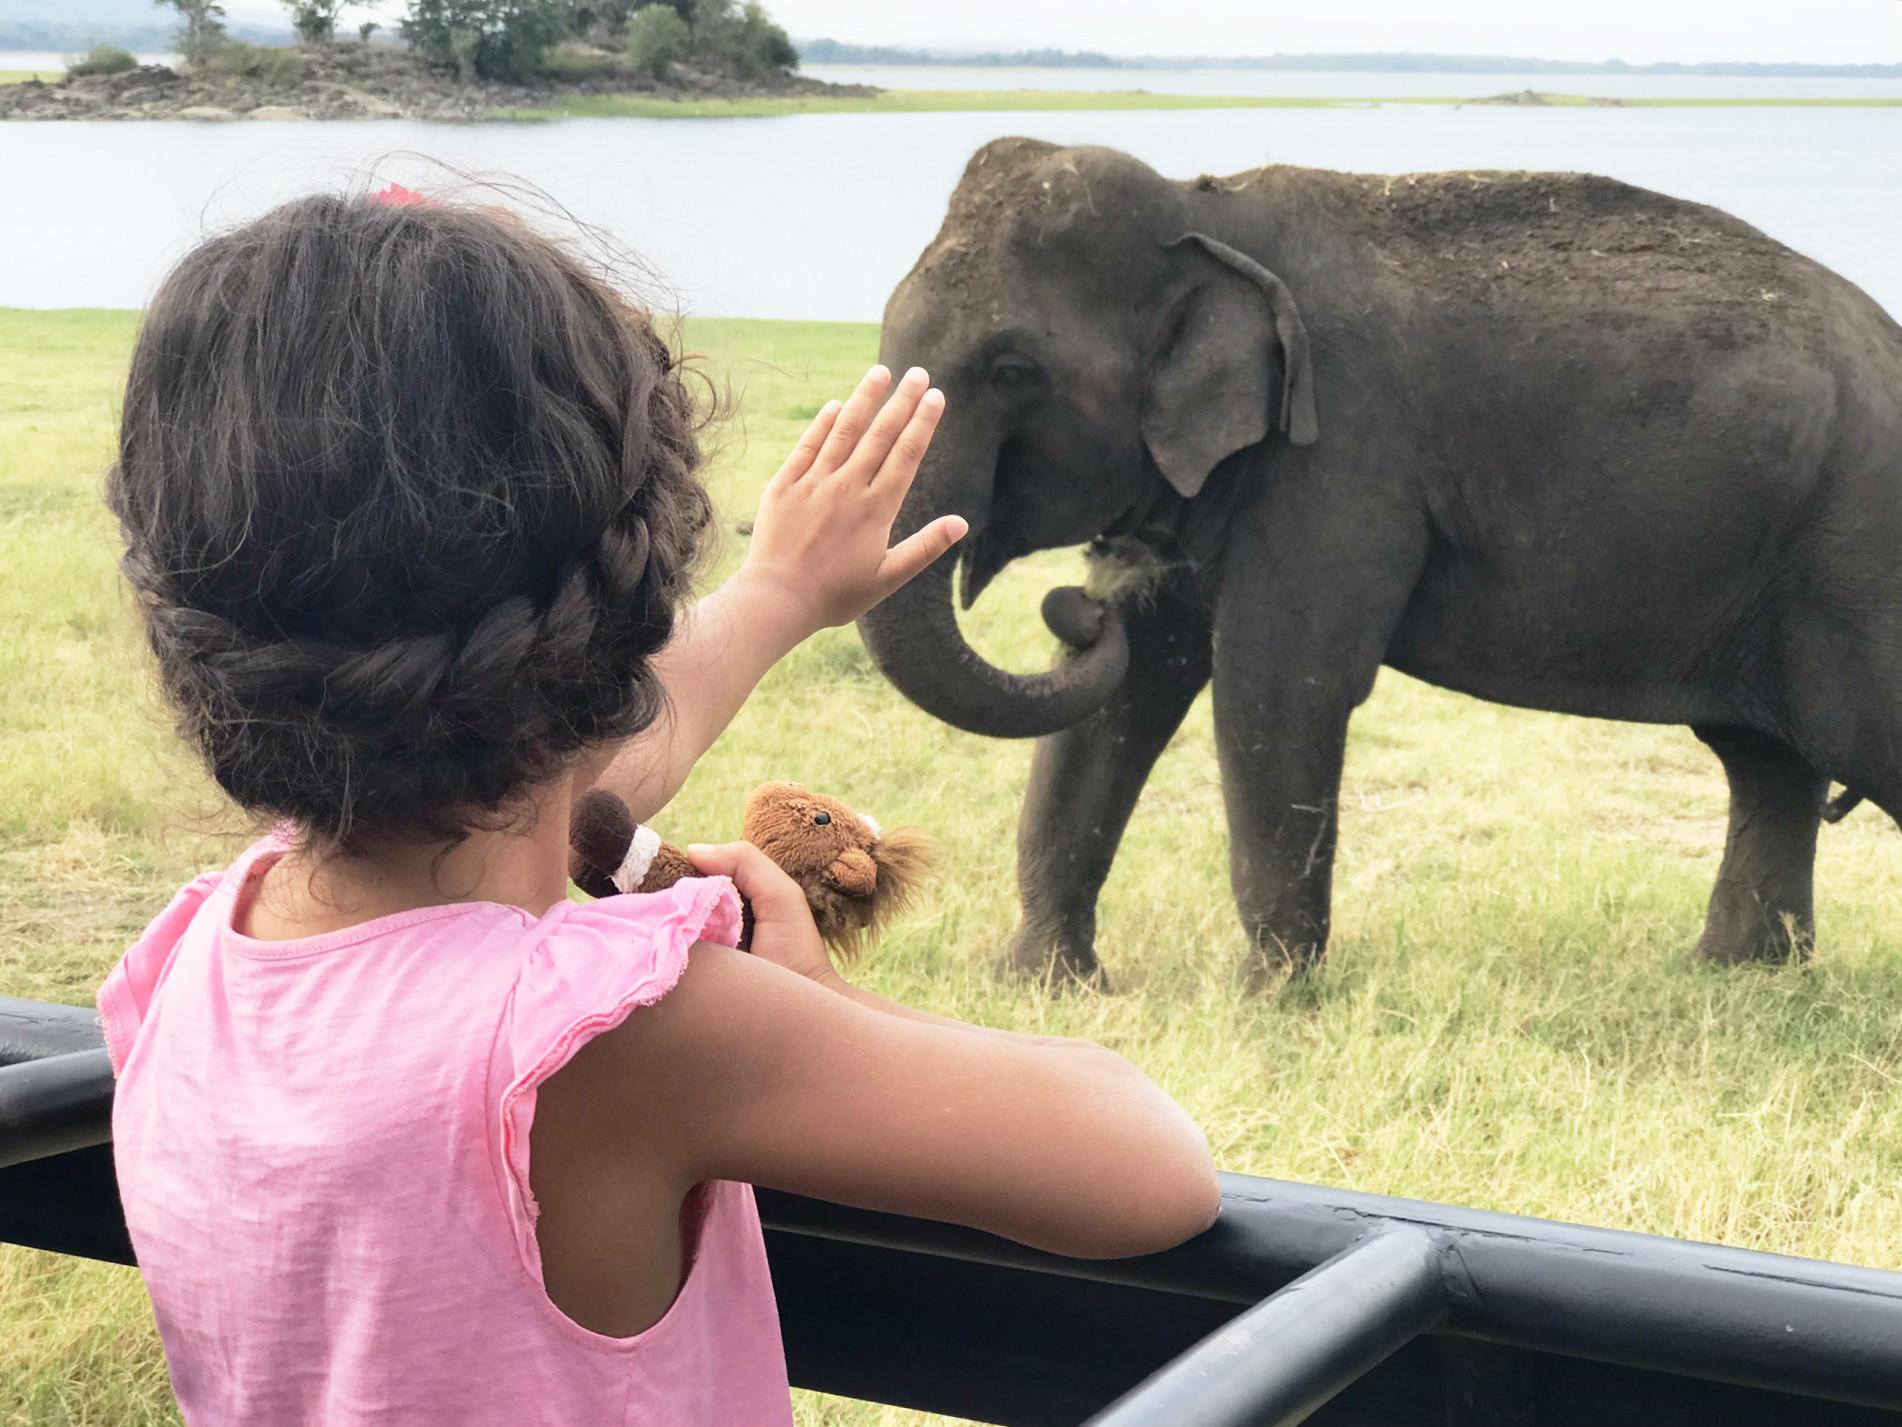 Ein Elefantenstreichelfoto musste sein!